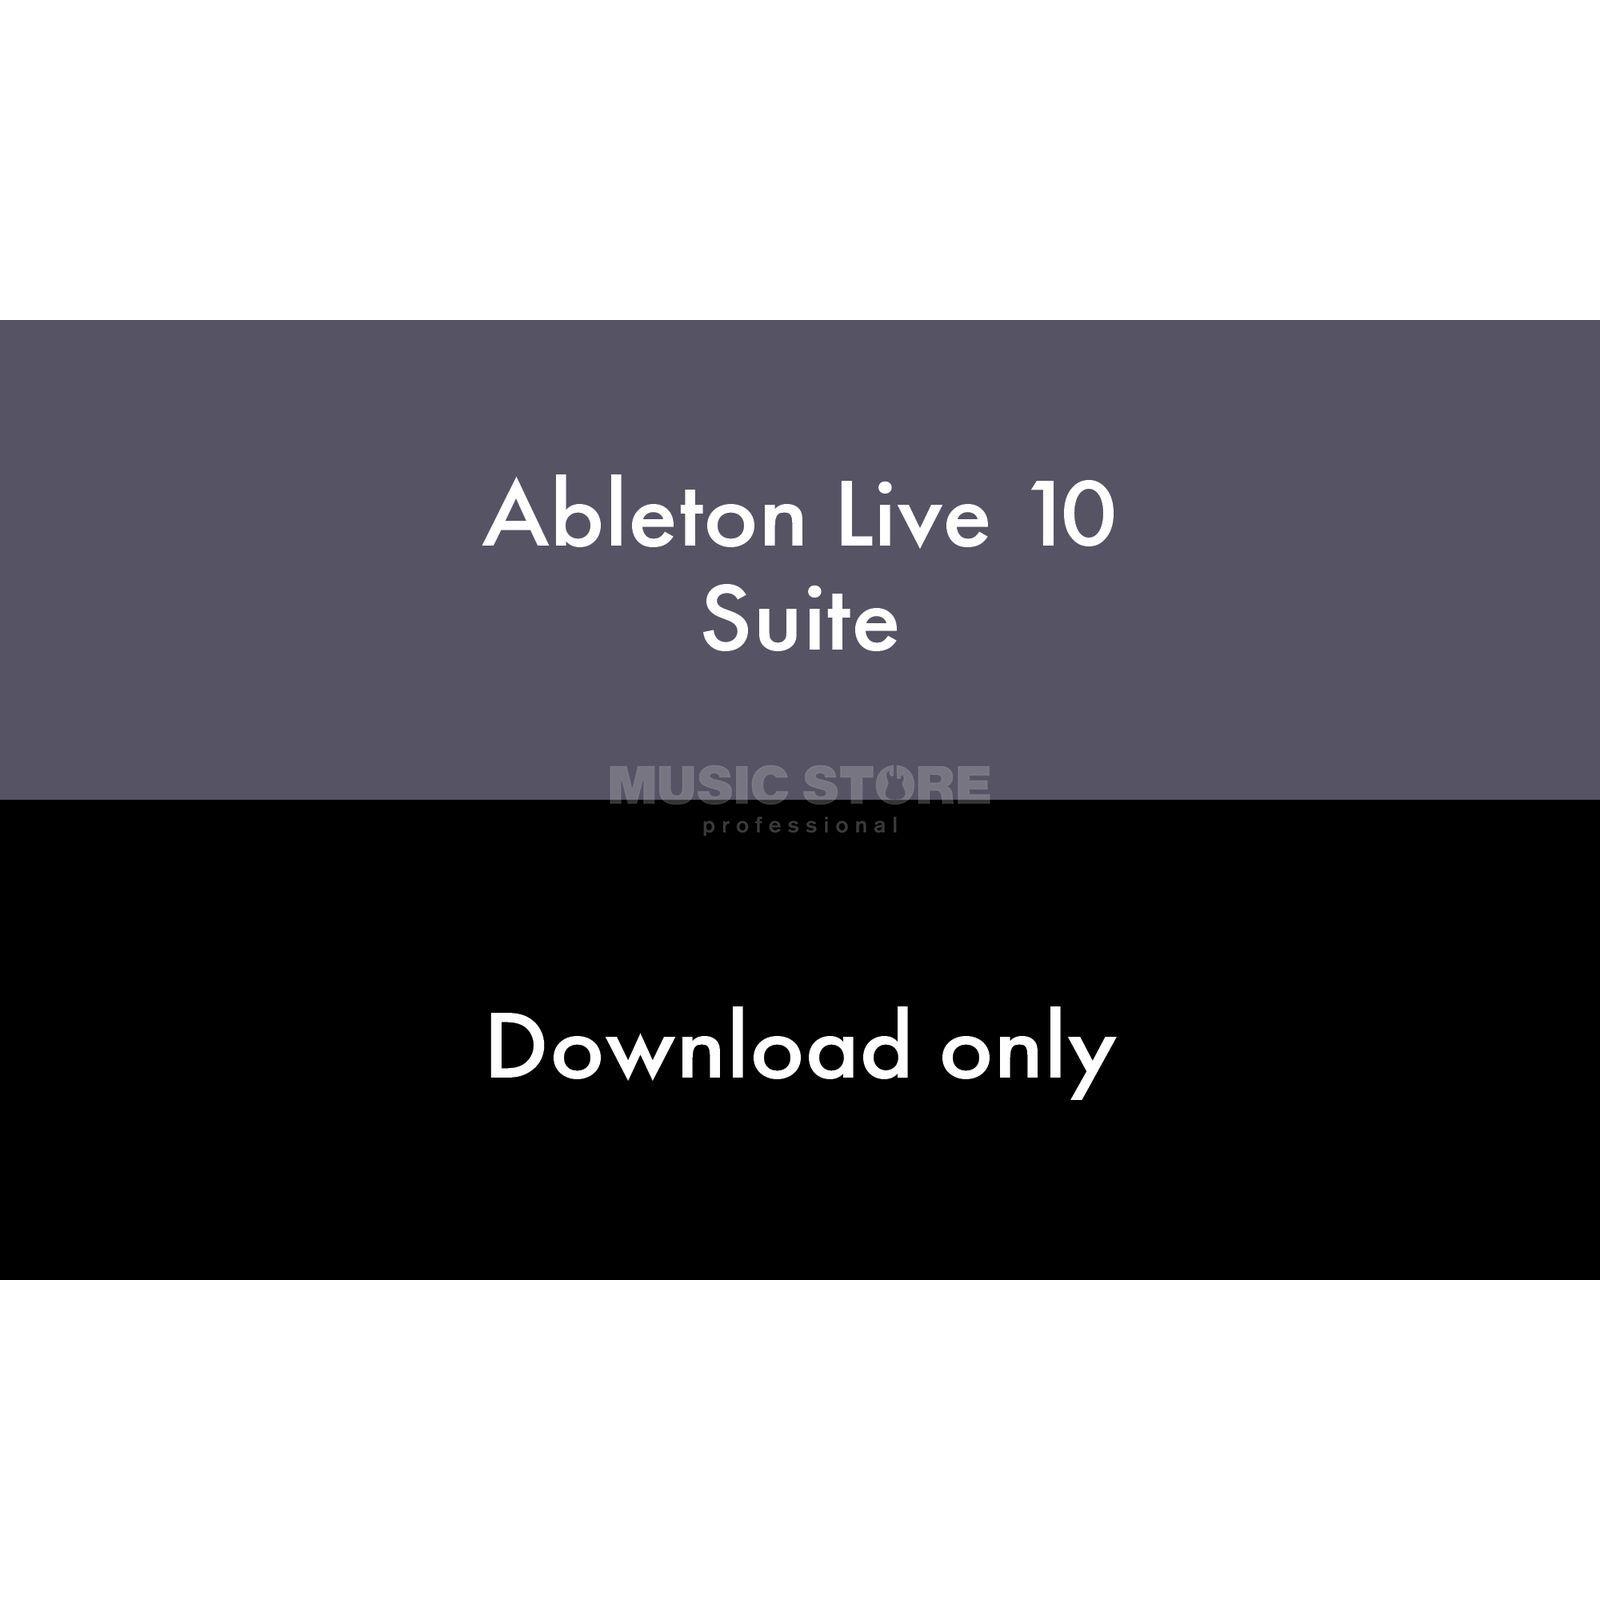 ableton live 10 suite license code. Black Bedroom Furniture Sets. Home Design Ideas